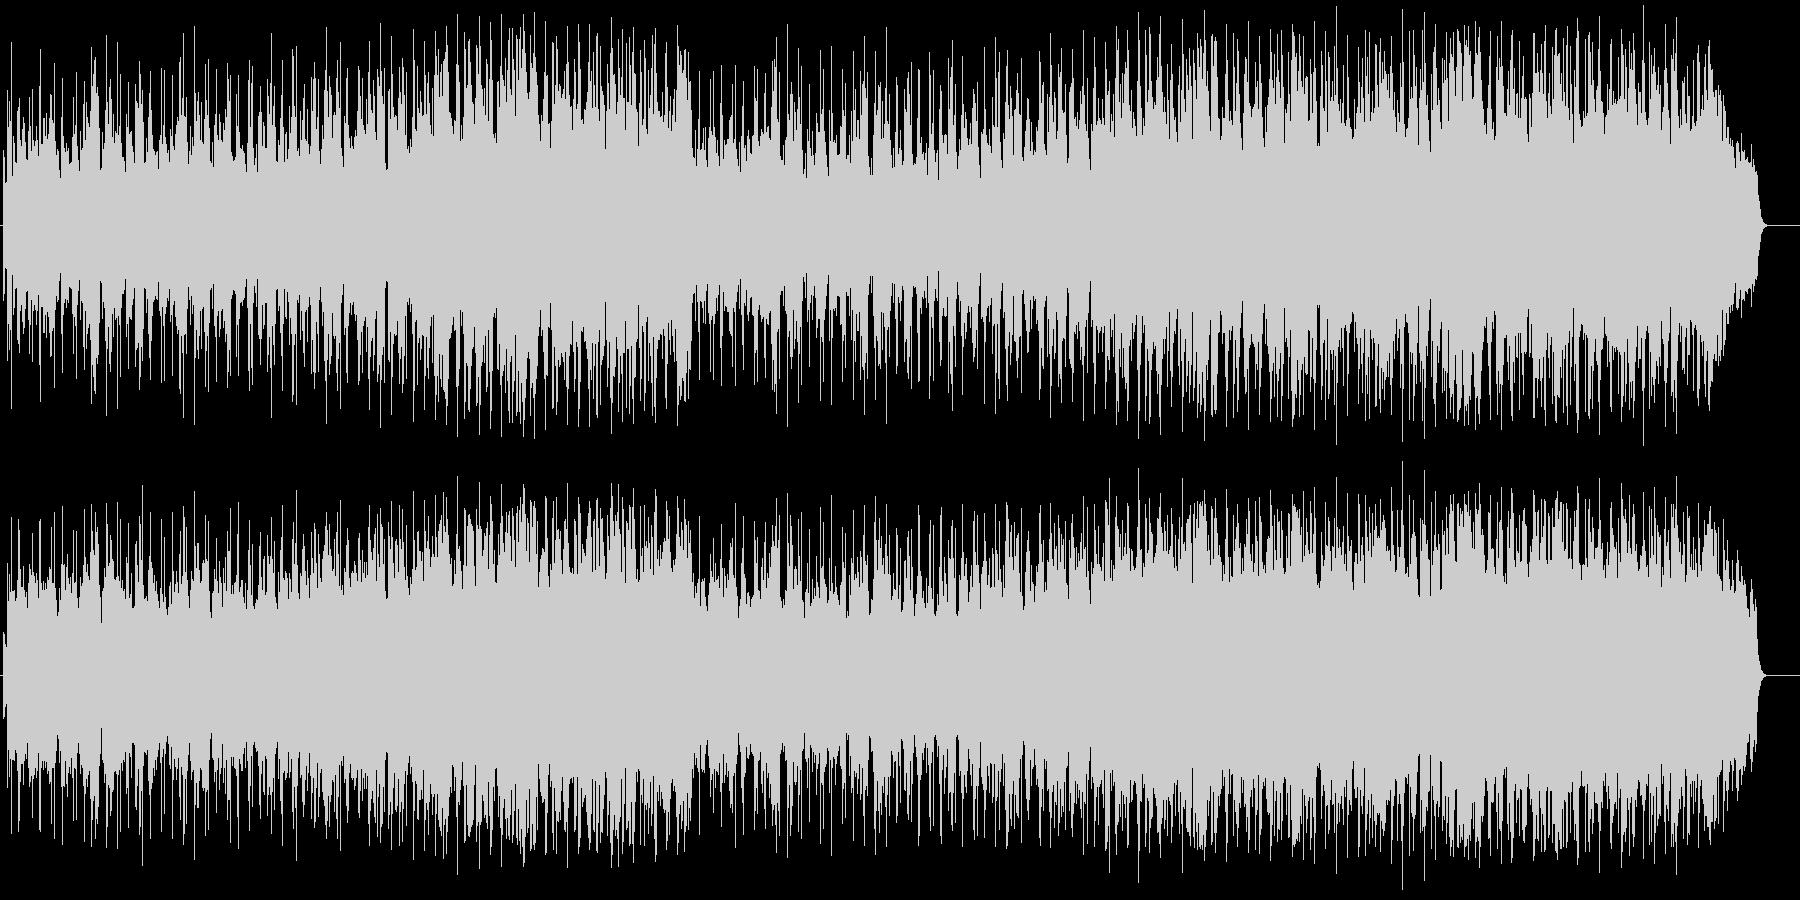 ムードのある大人のエレガントなジャズの未再生の波形